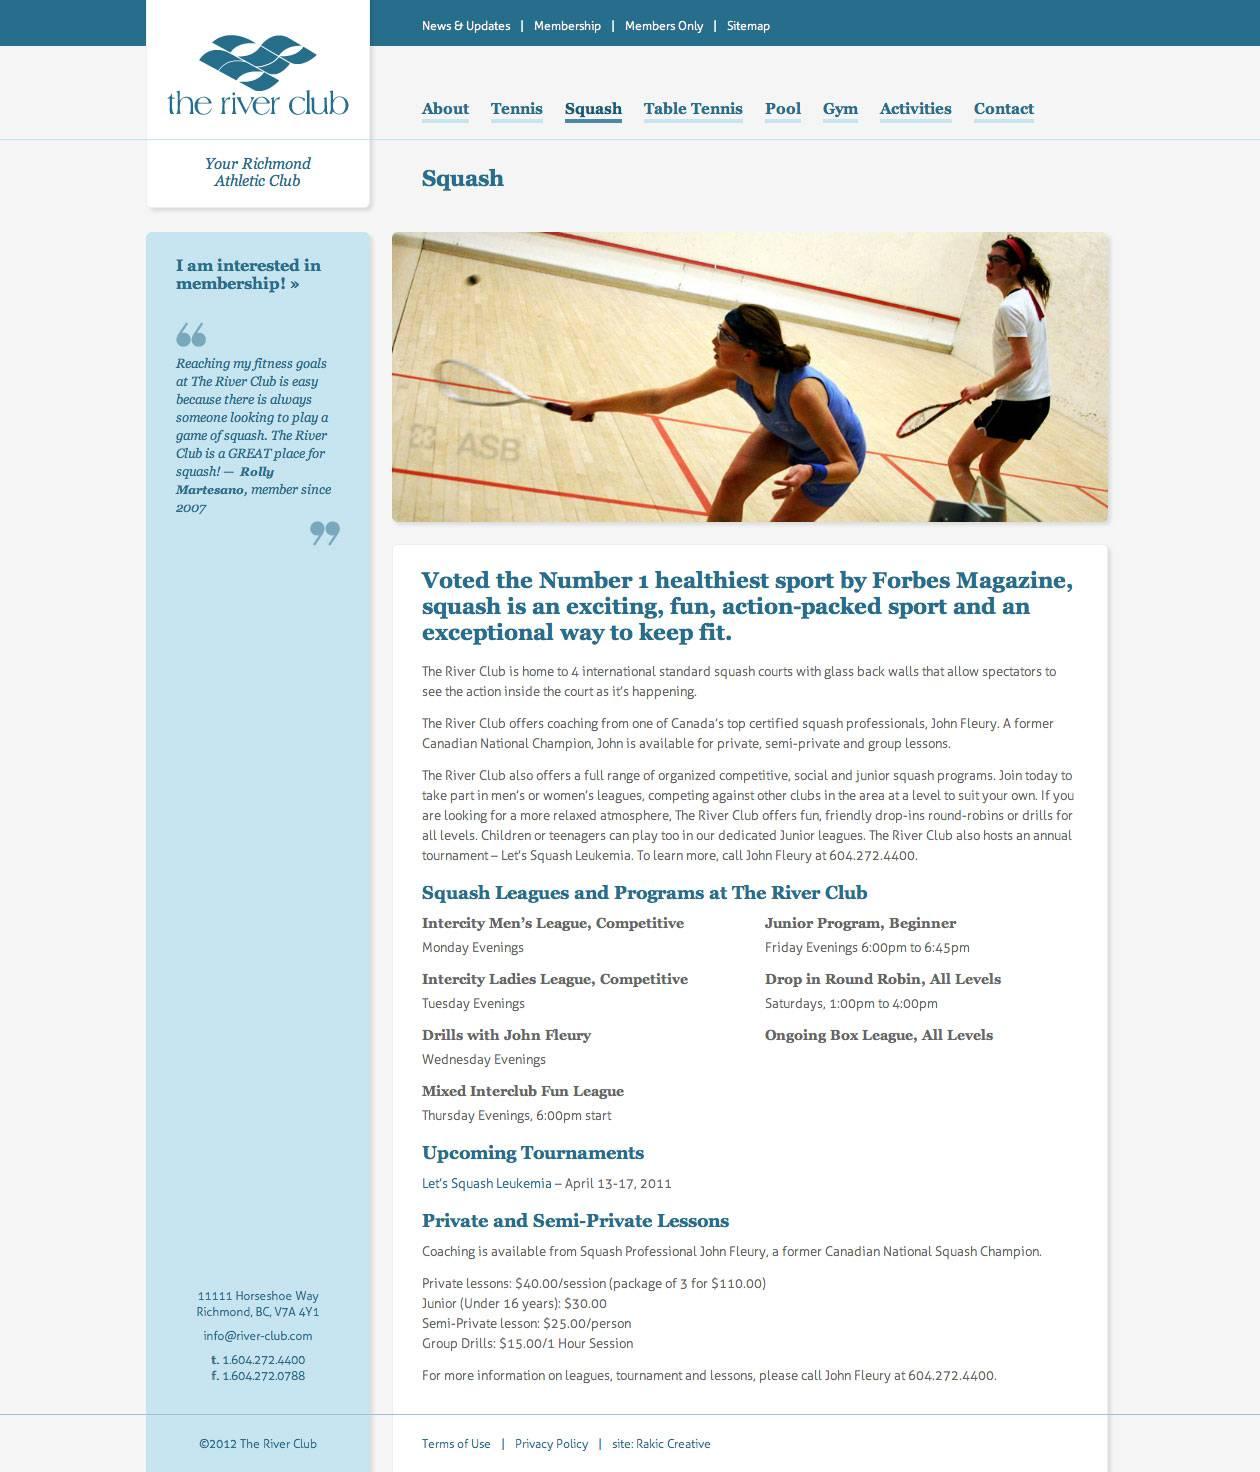 Squash Page